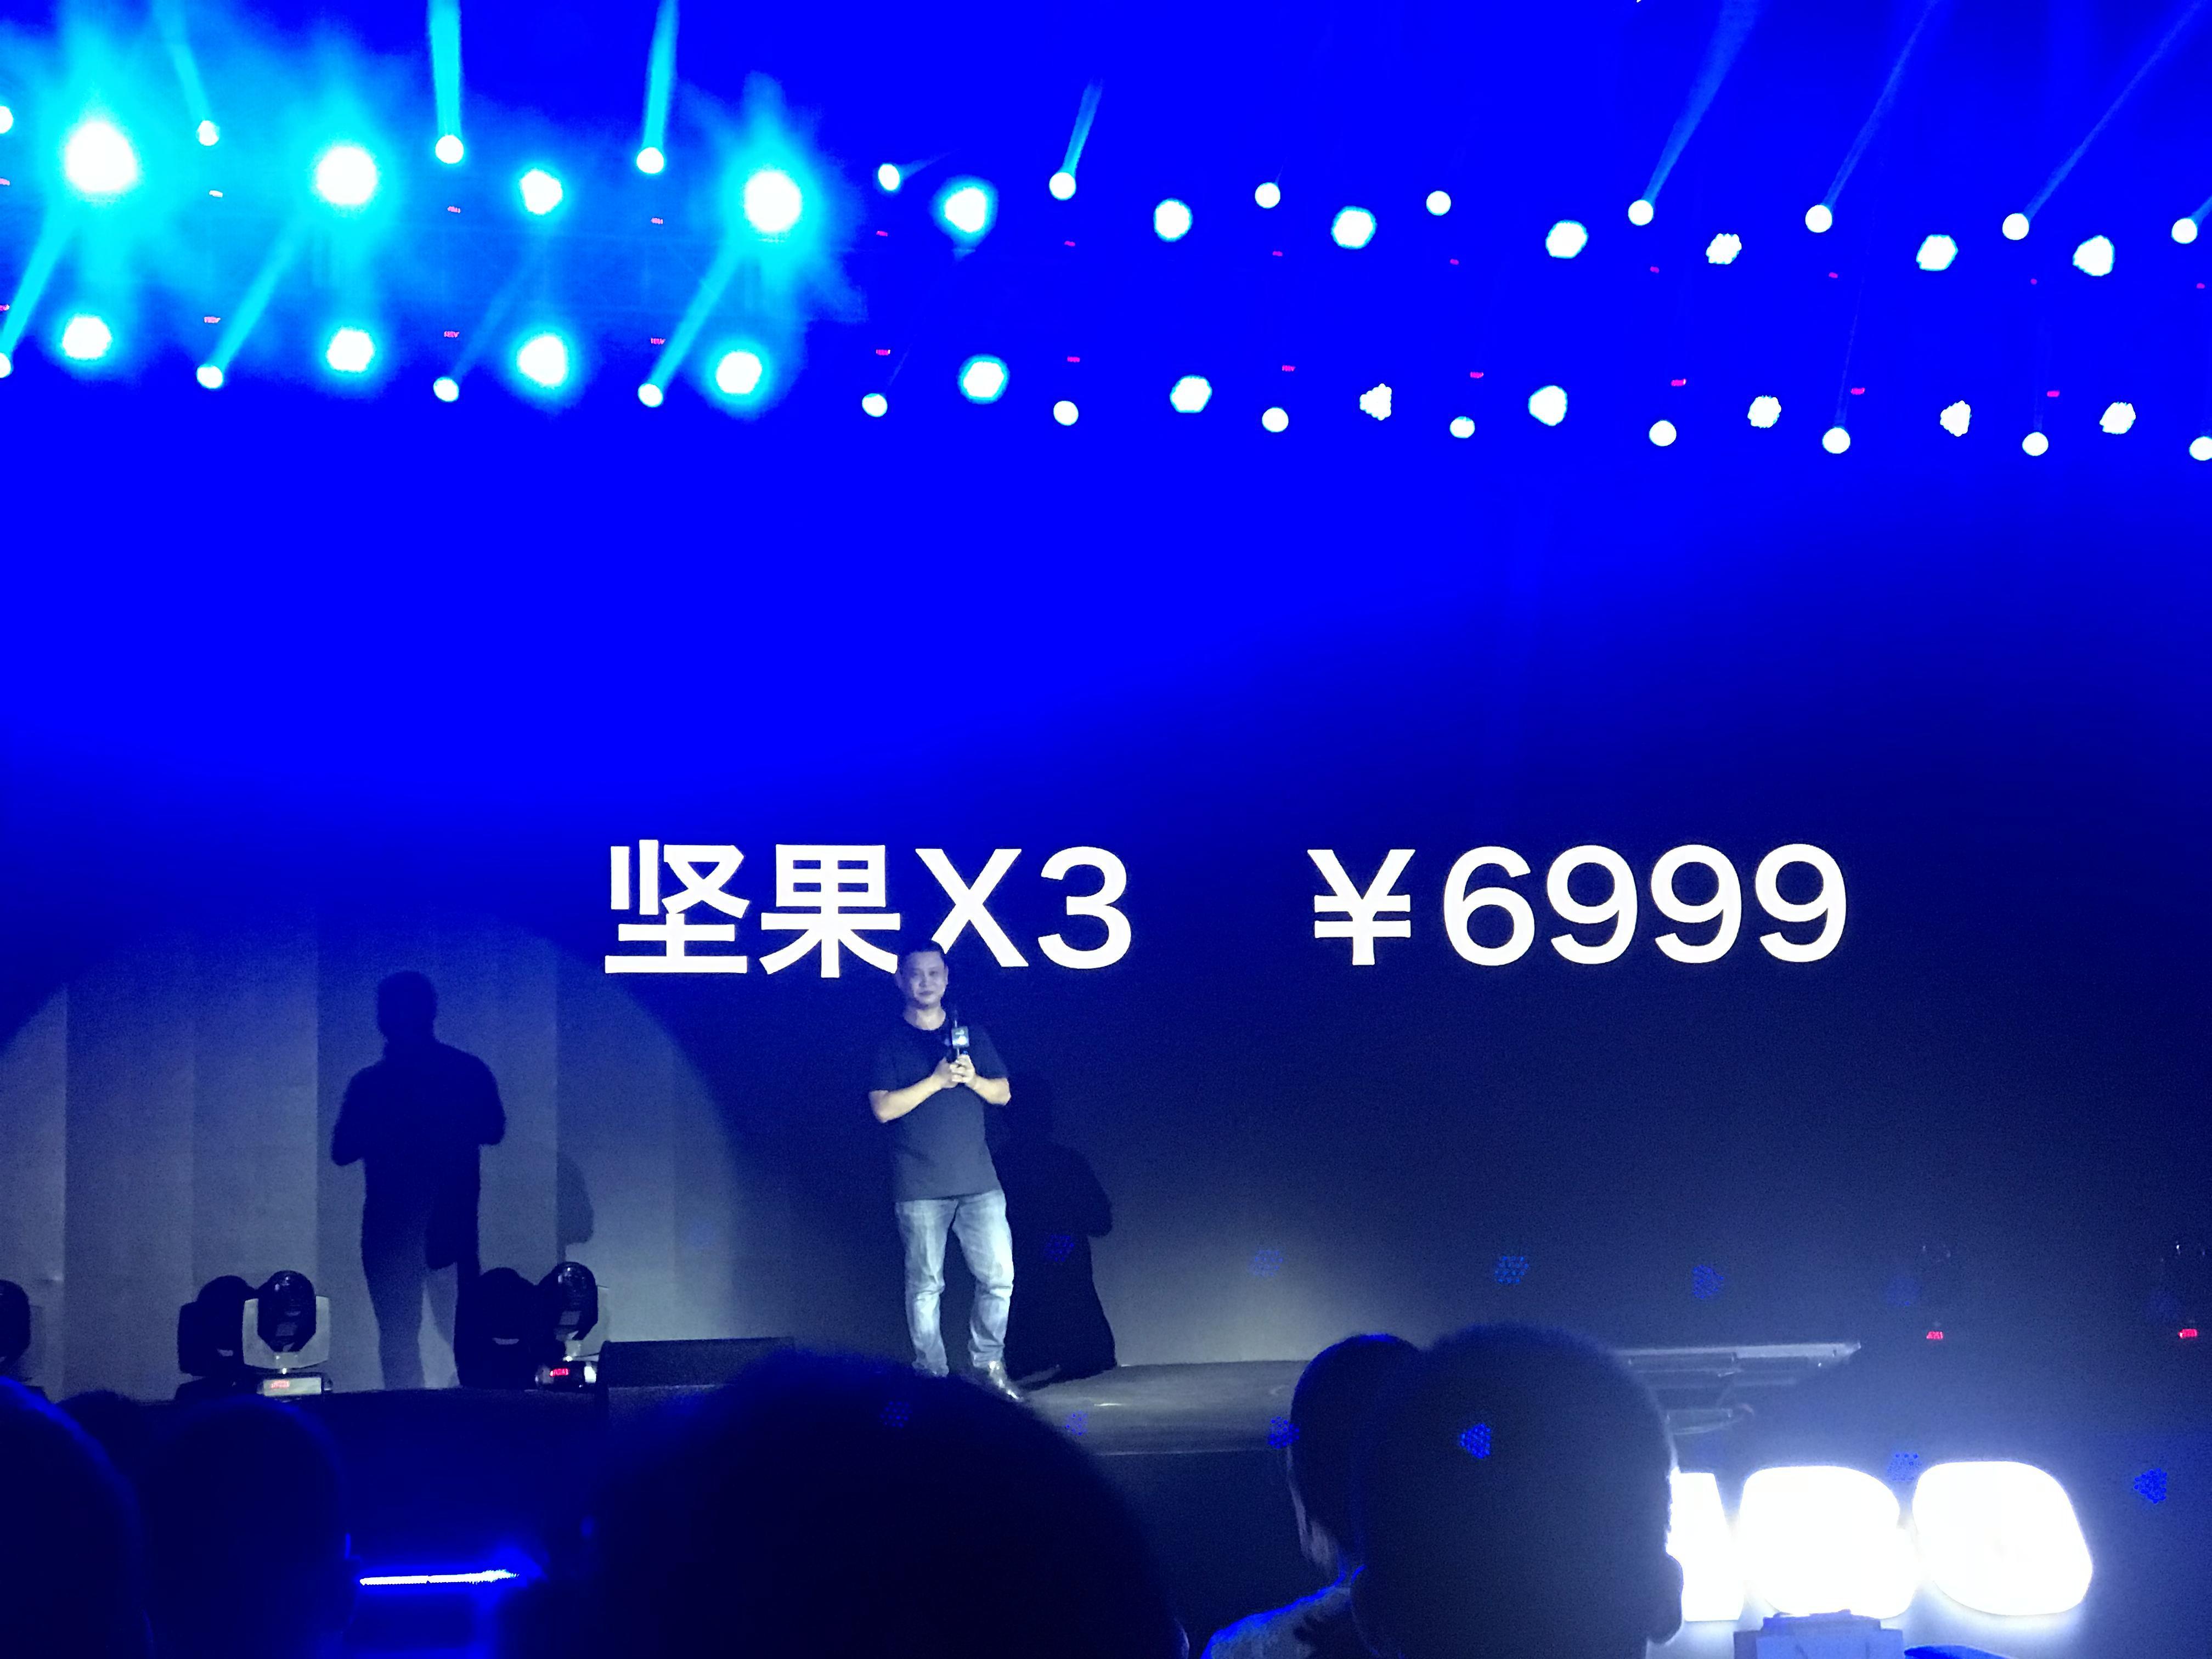 坚果发布U1及X3等多款4K电视投影新品 售6999元起